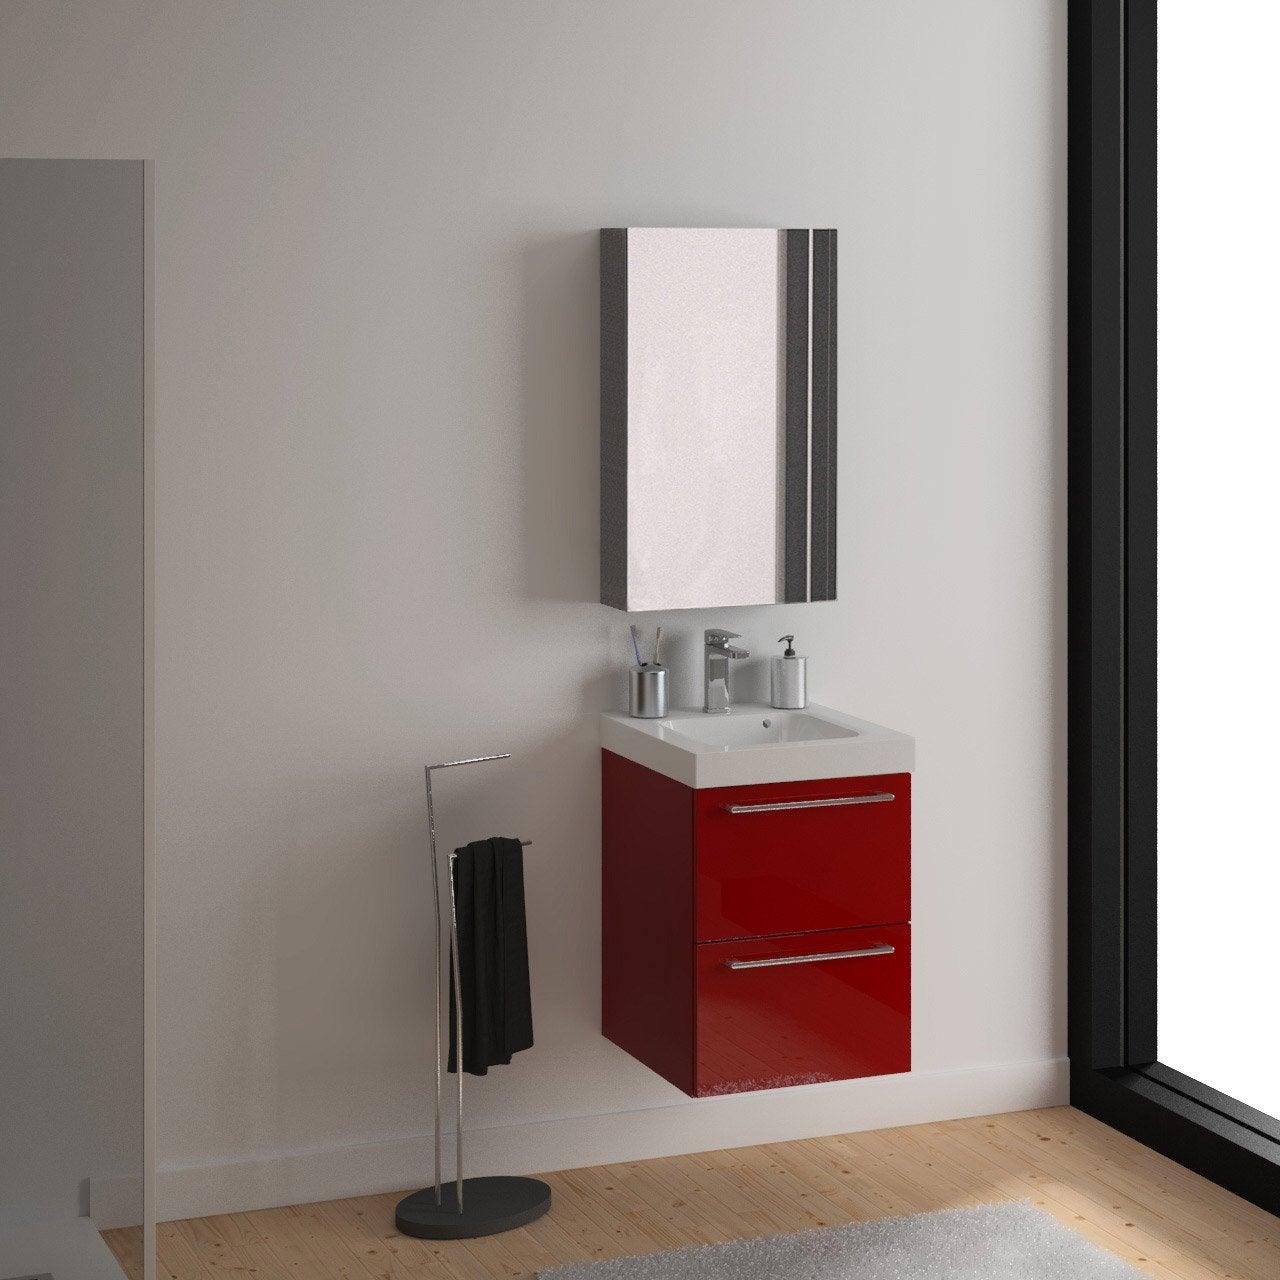 Meuble sous-vasque l.46 x H.57.7 x P.46 cm, rouge, SENSEA Remix ...